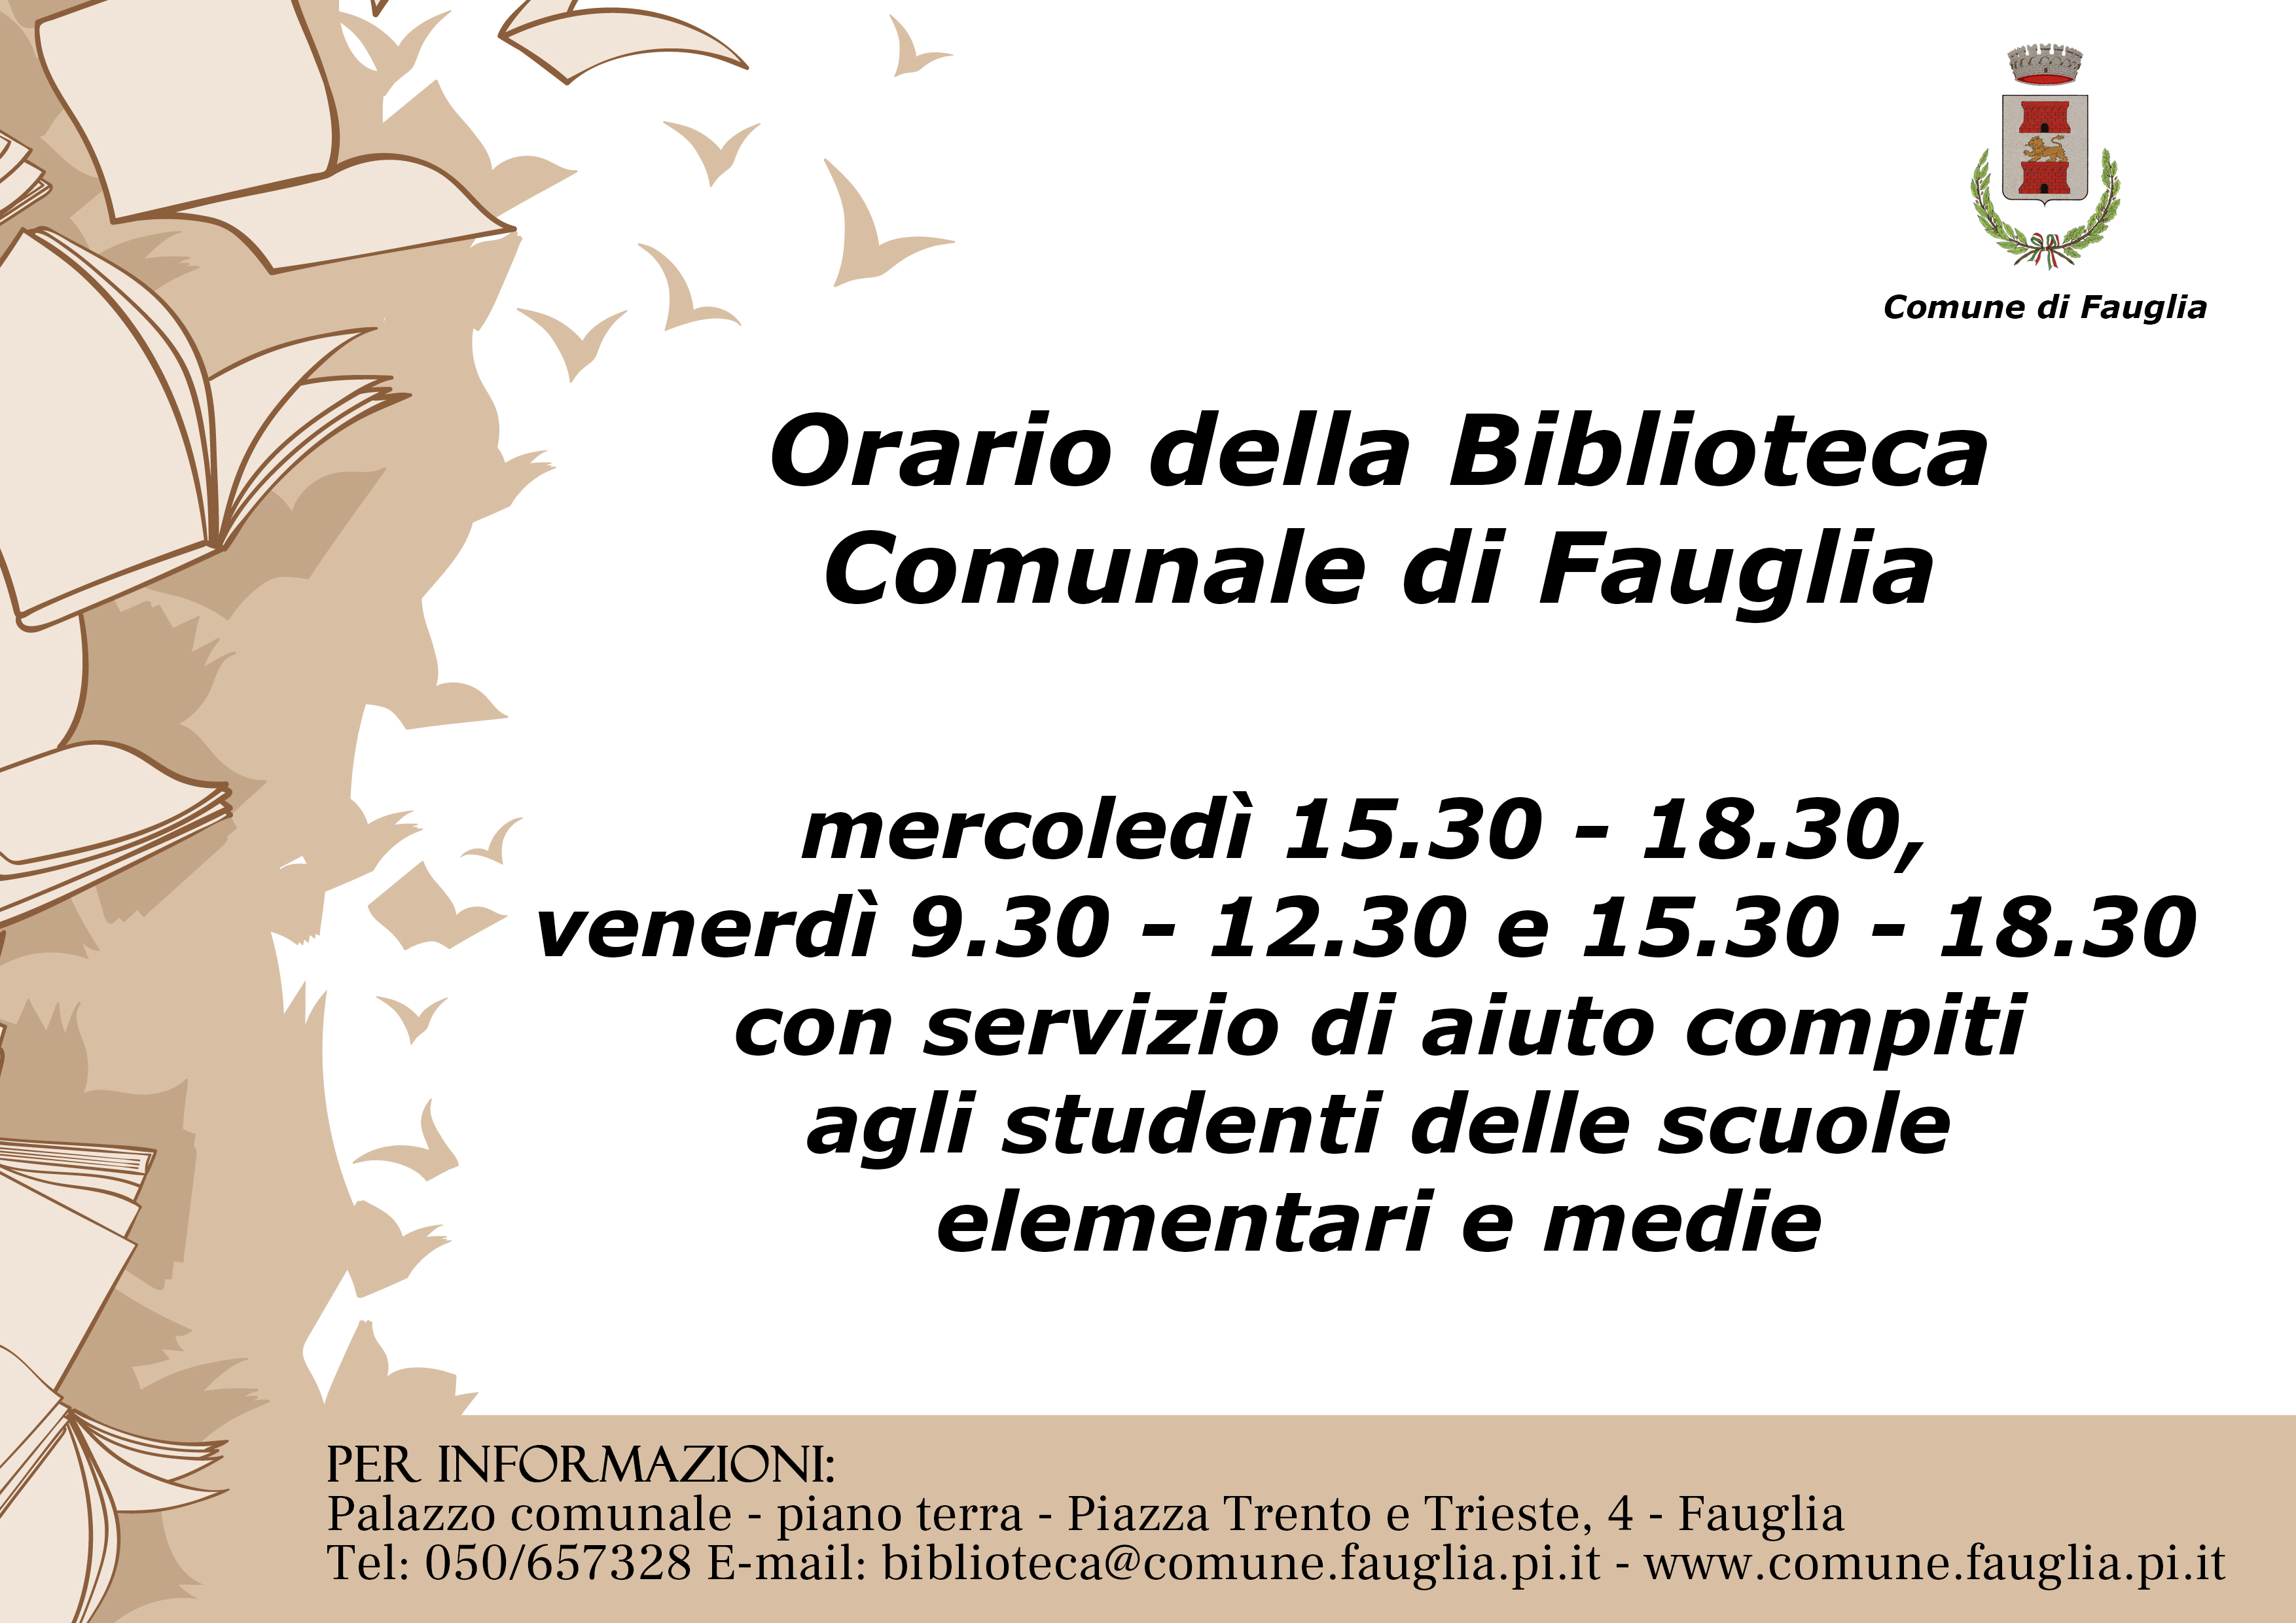 BIBLIOTECA COMUNALE: NUOVO ORARIO DI APERTURA AL PUBBLICO: MERCOLEDI 15.30-18.30 E VENERDI 9.30-12.30 E 15.30-18.30